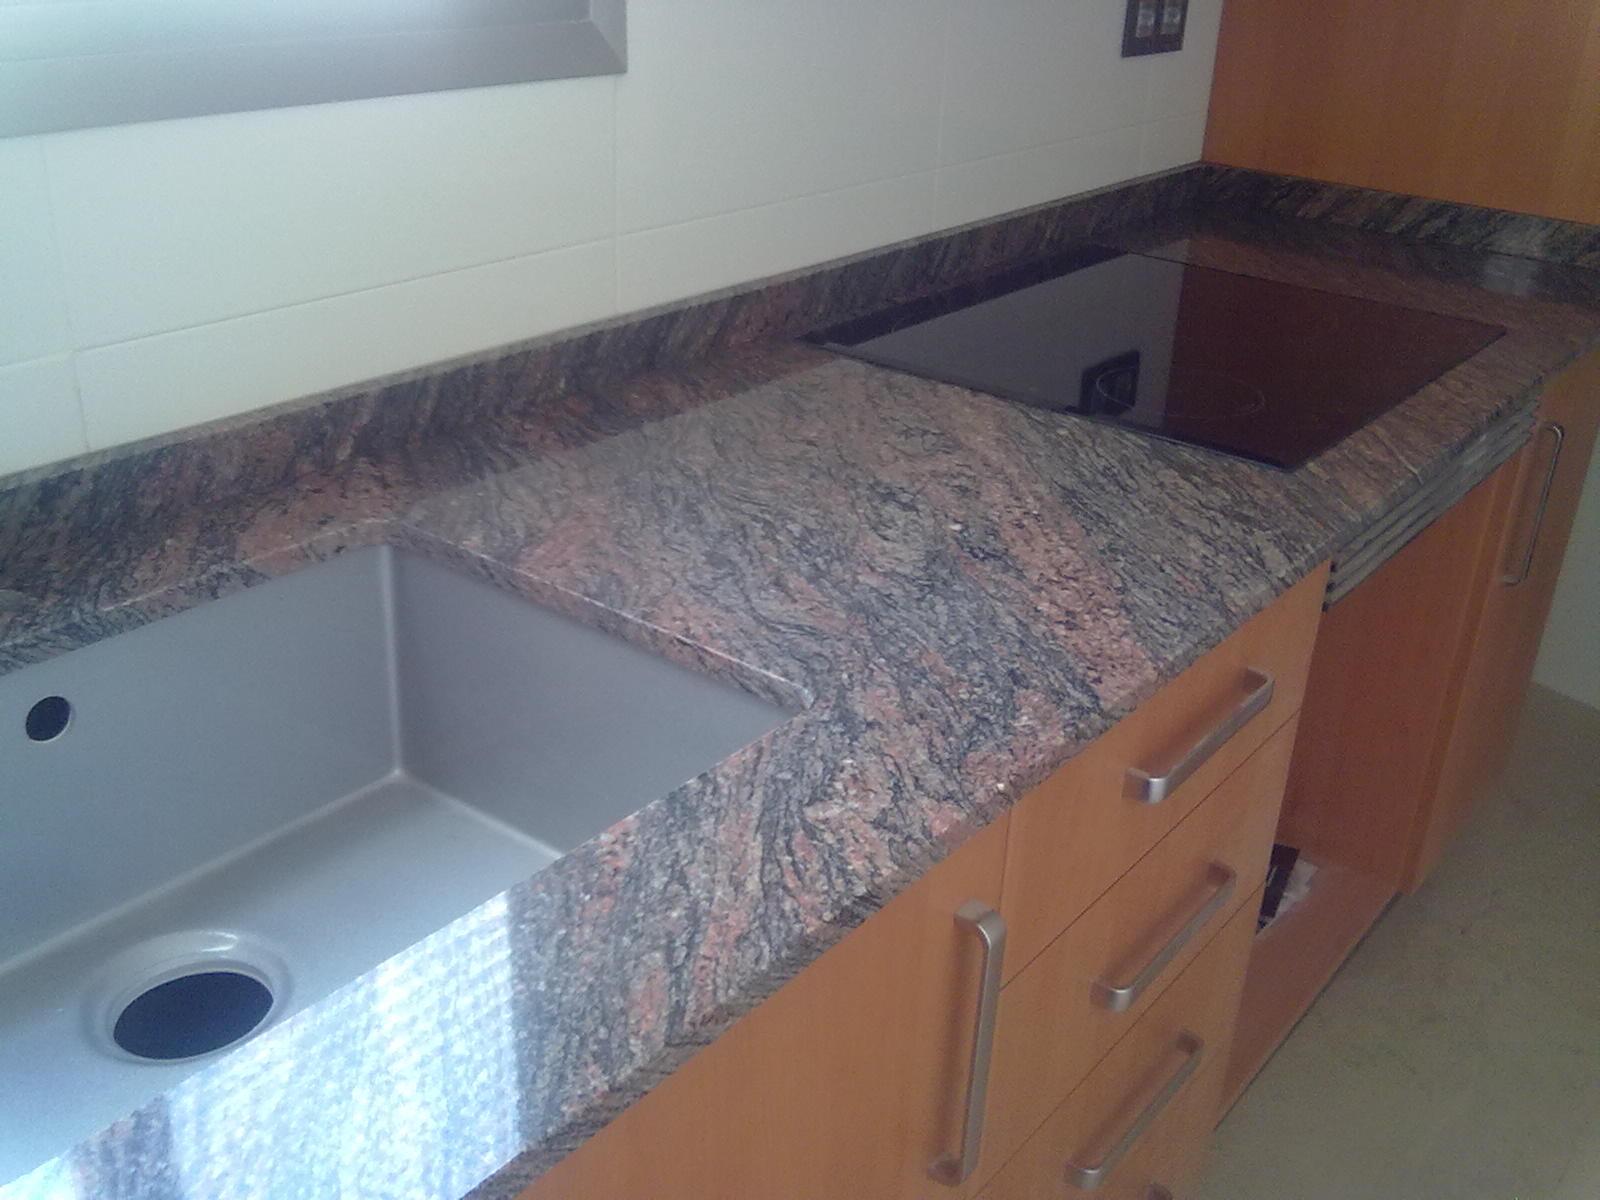 Marmoles vedat s l u encimera granito importado rosa - Colores de granito para encimeras de cocina ...